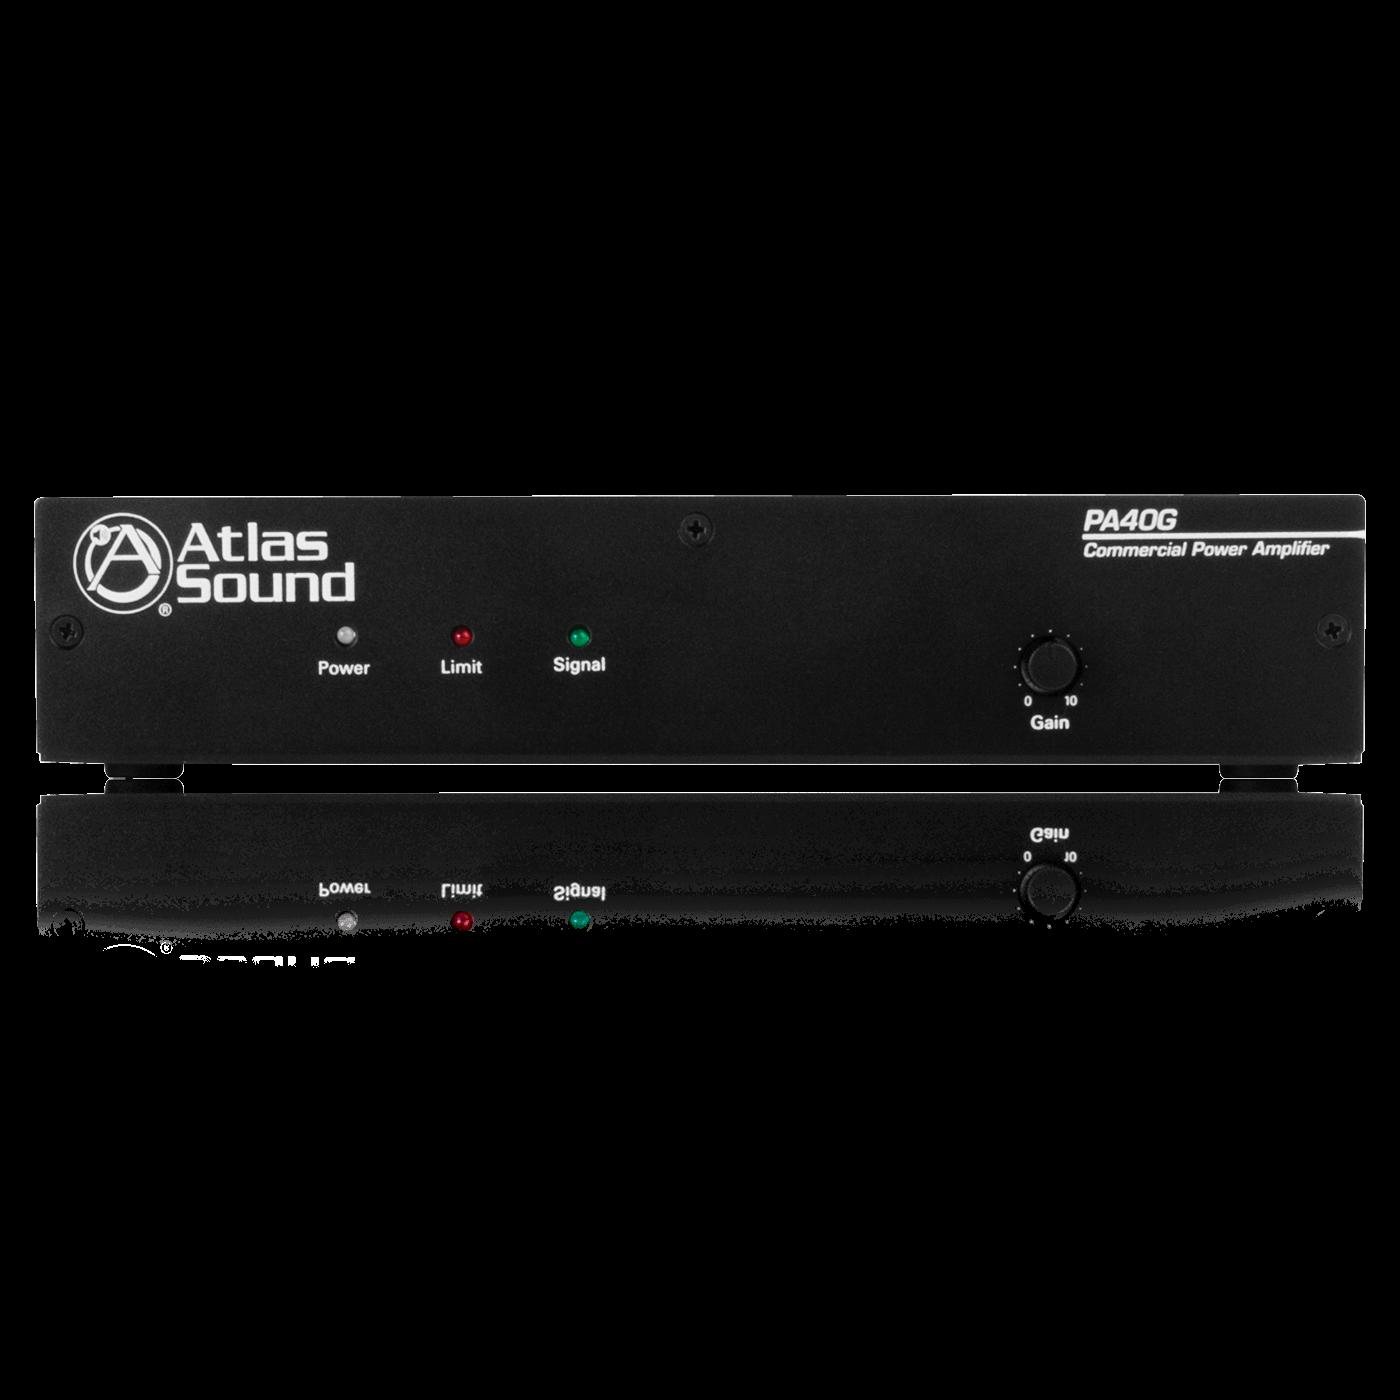 2 input 40 watt single channel power amplifier with global power rh atlasied com Kramer VGA Distribution Amplifier Kramer VGA Distribution Amplifier